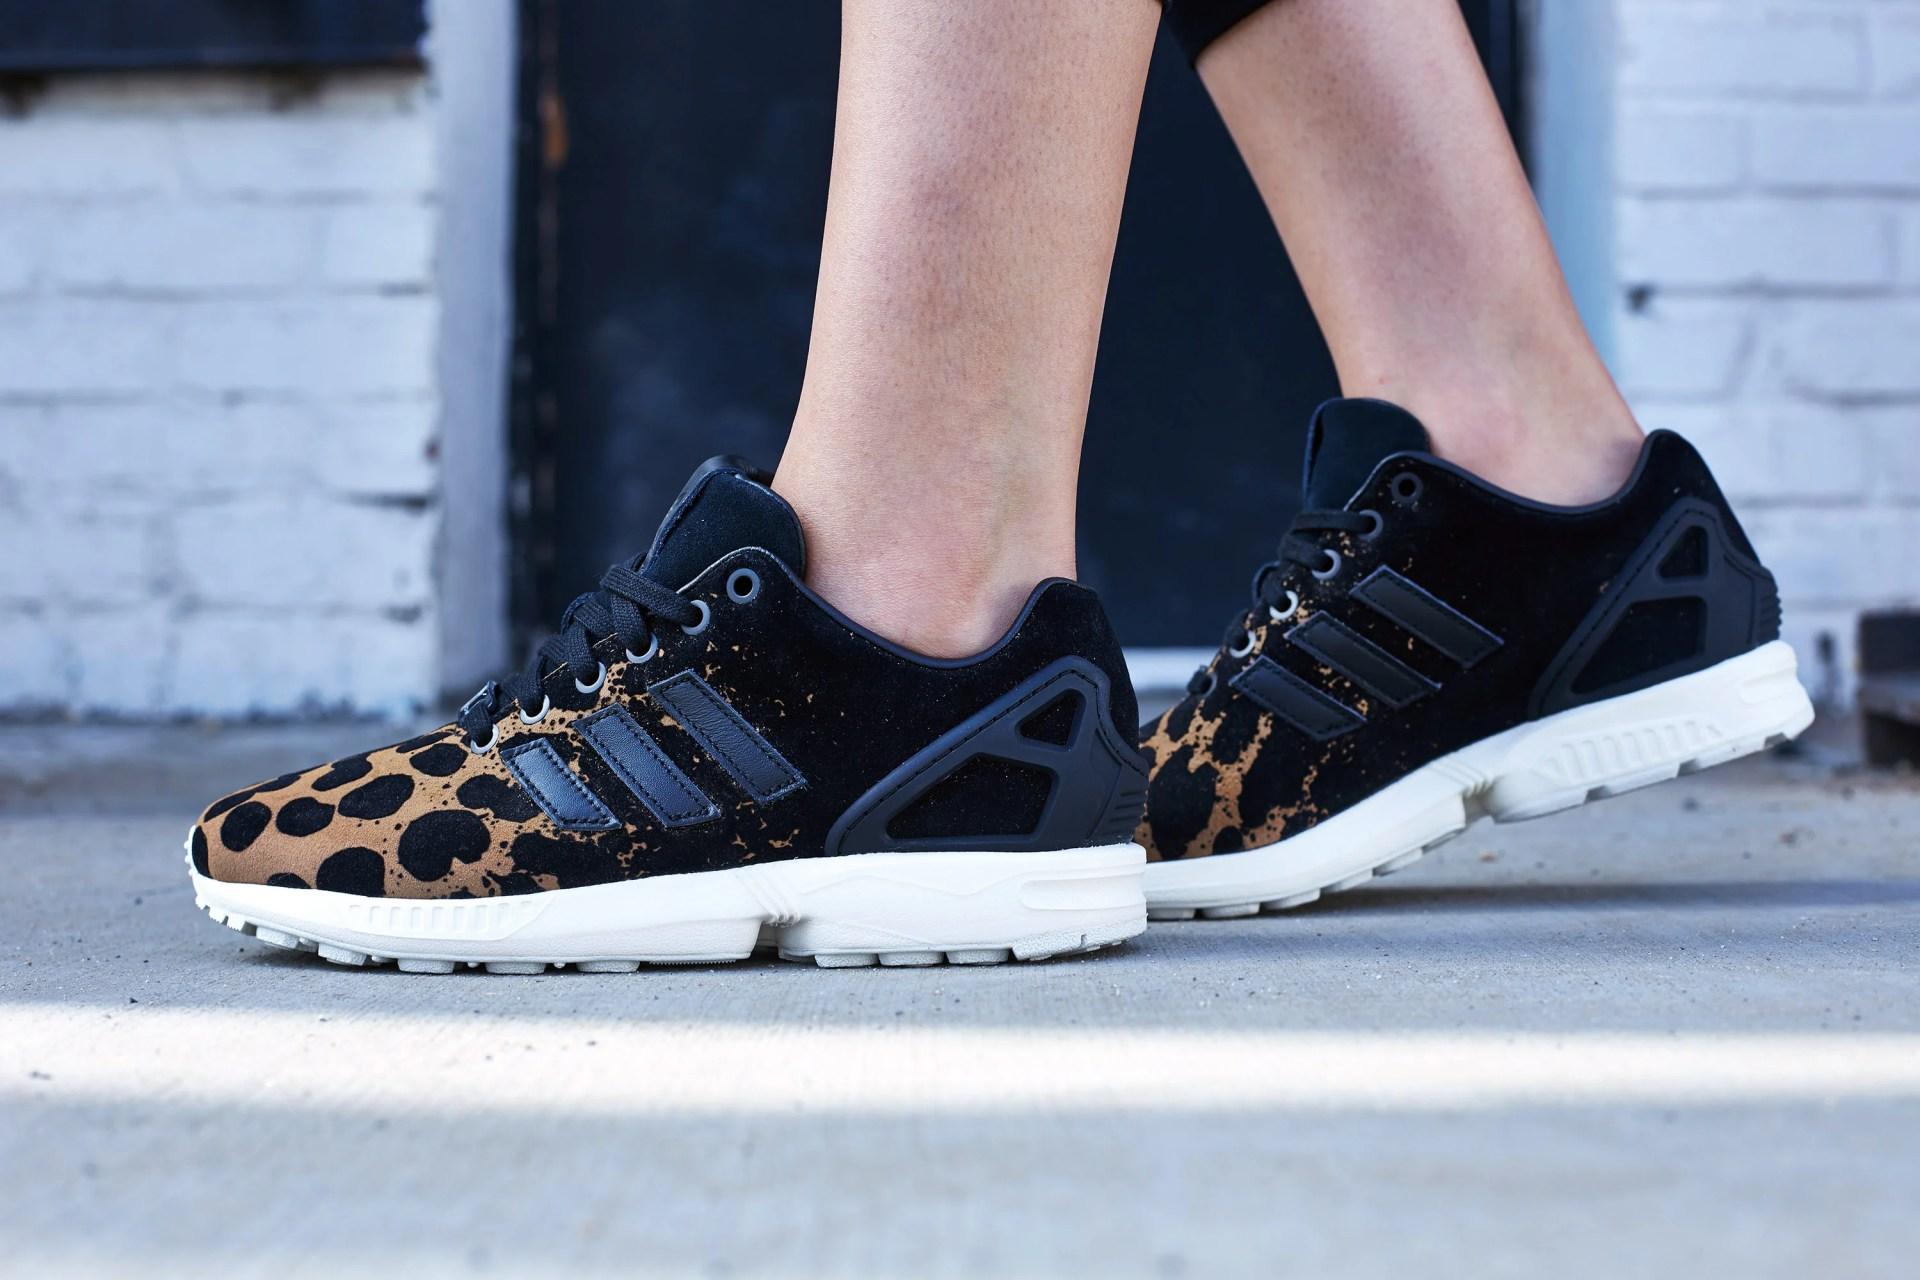 brand new c4f19 7e7b0 On-Foot Look // adidas ZX Flux   Nice Kicks